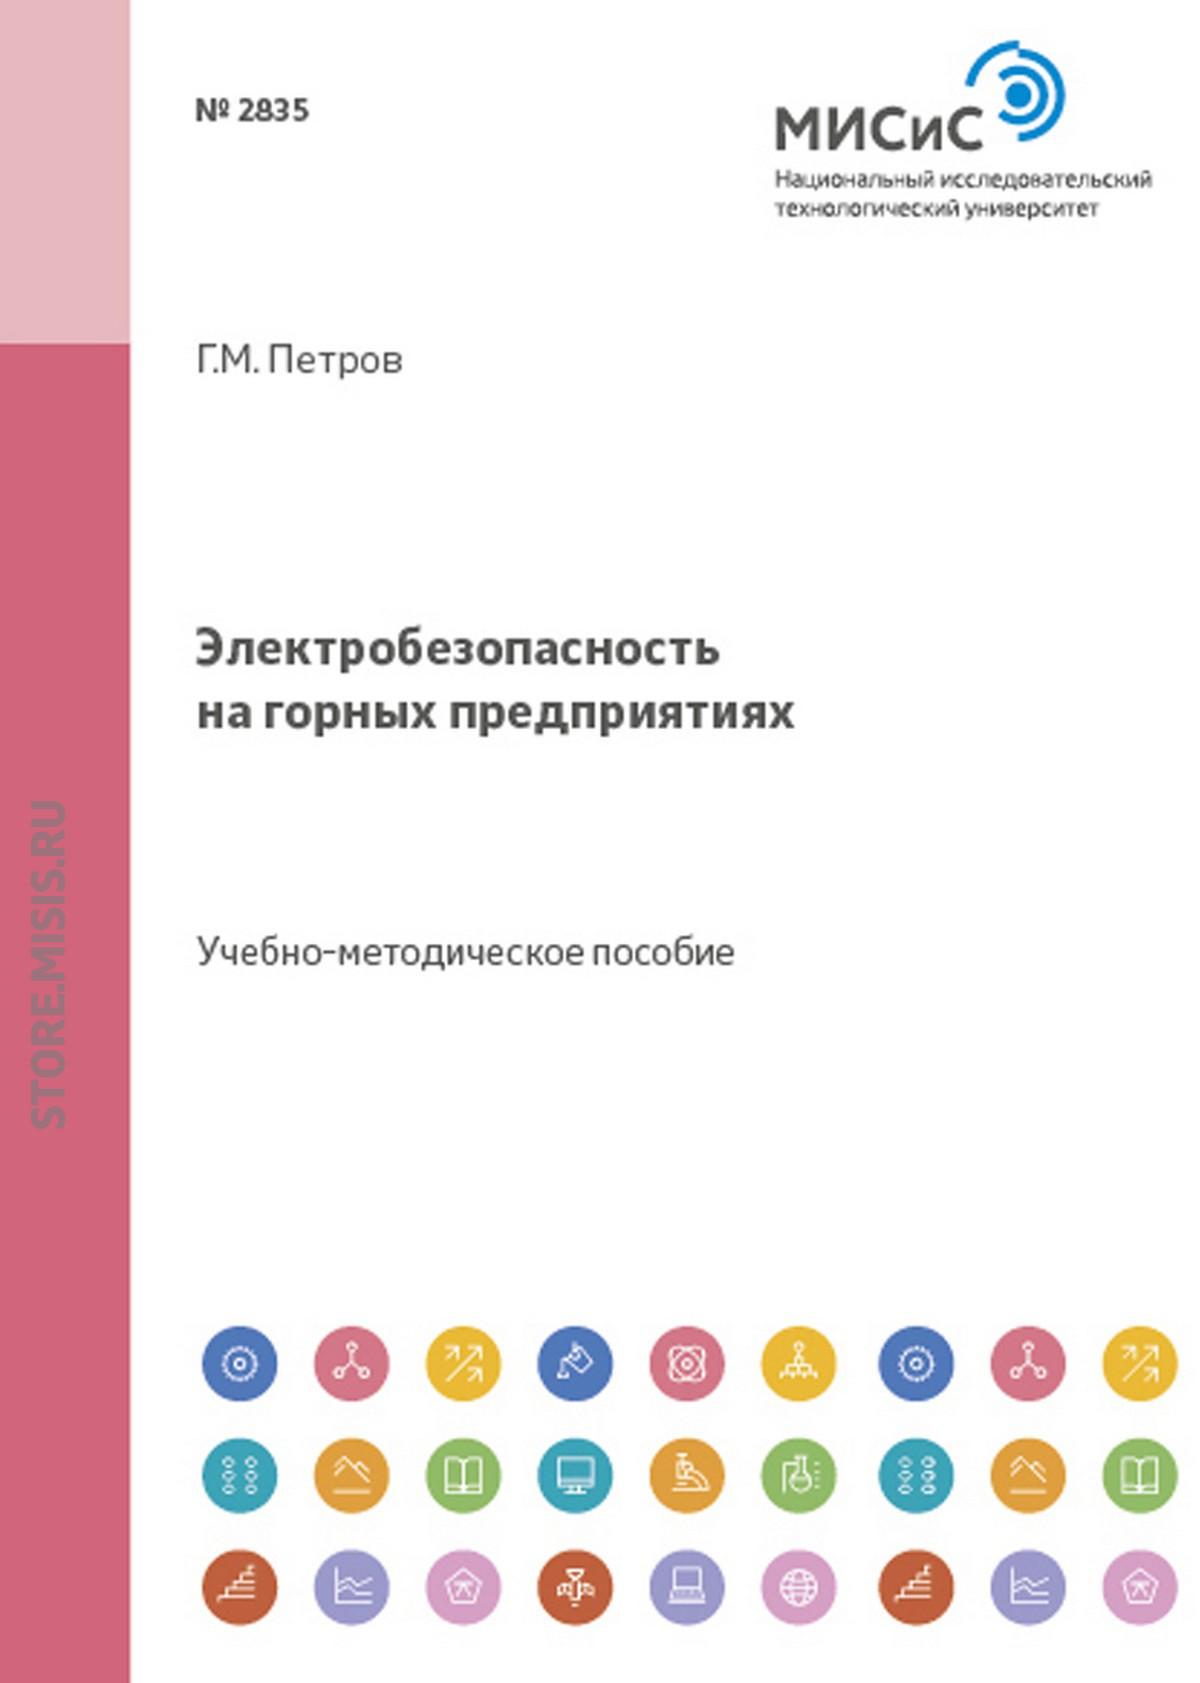 Геннадий Петров Электробезопасность на горных предприятиях б н кутузов технология и безопасность изготовления и применения вв на горных предприятиях